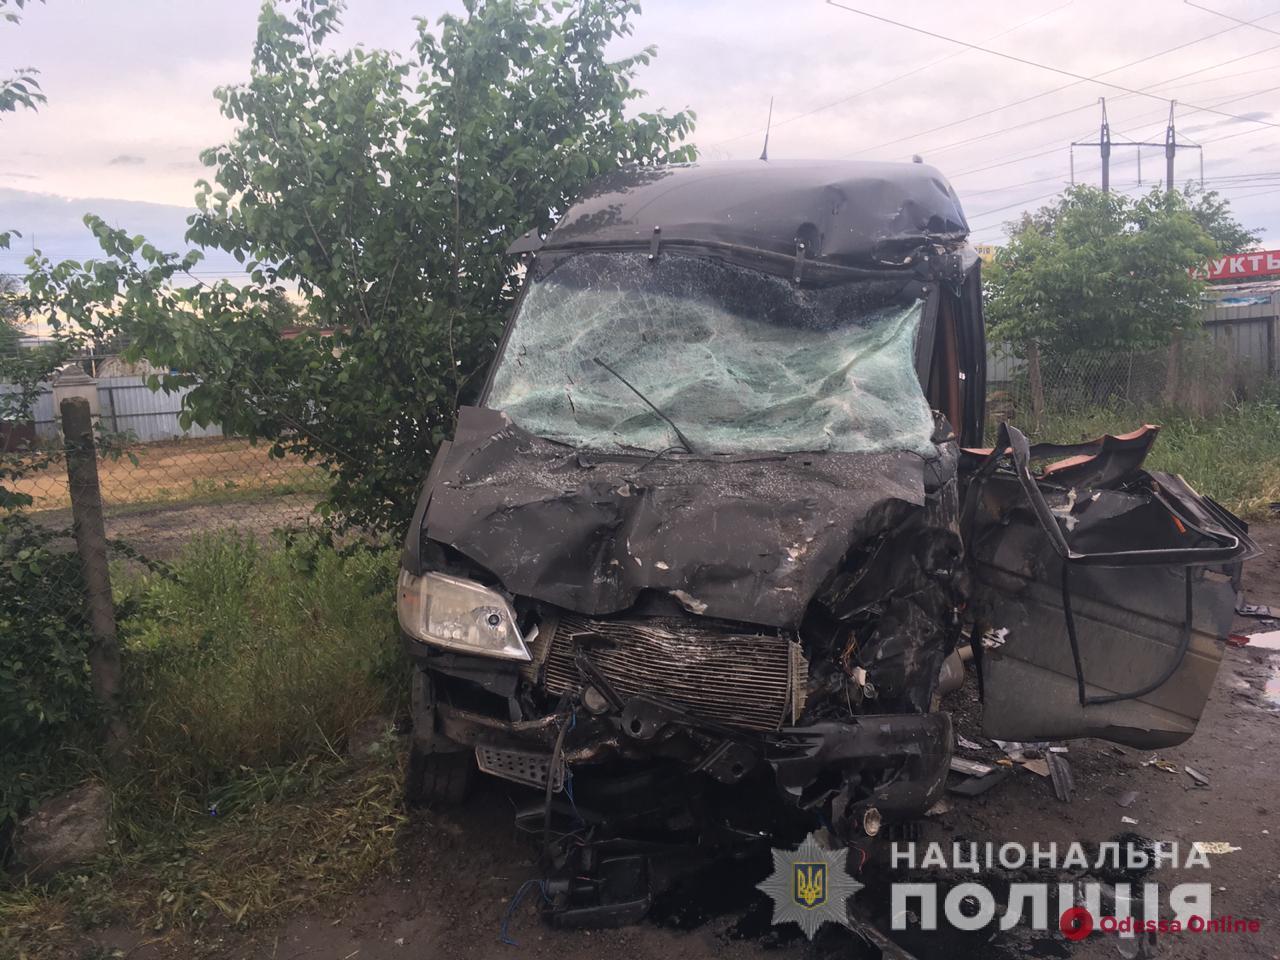 Под Одессой столкнулись микроавтобус и грузовик – пострадали четыре человека